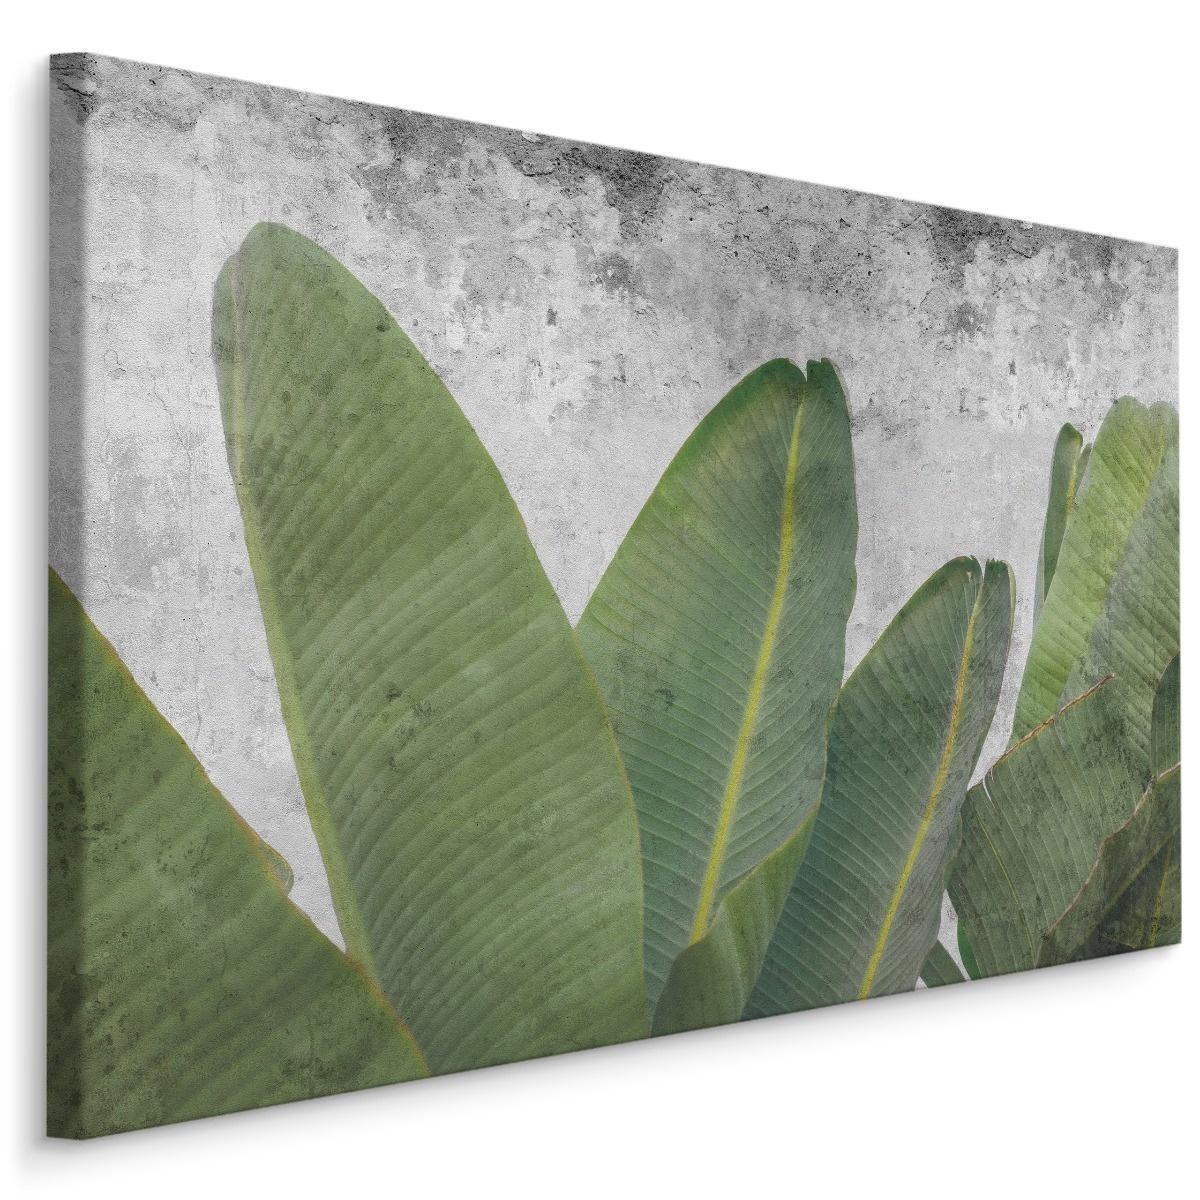 Schilderij - Tropische bladeren op betonnen achtergrond, groen/grijs, 4 maten, premium print